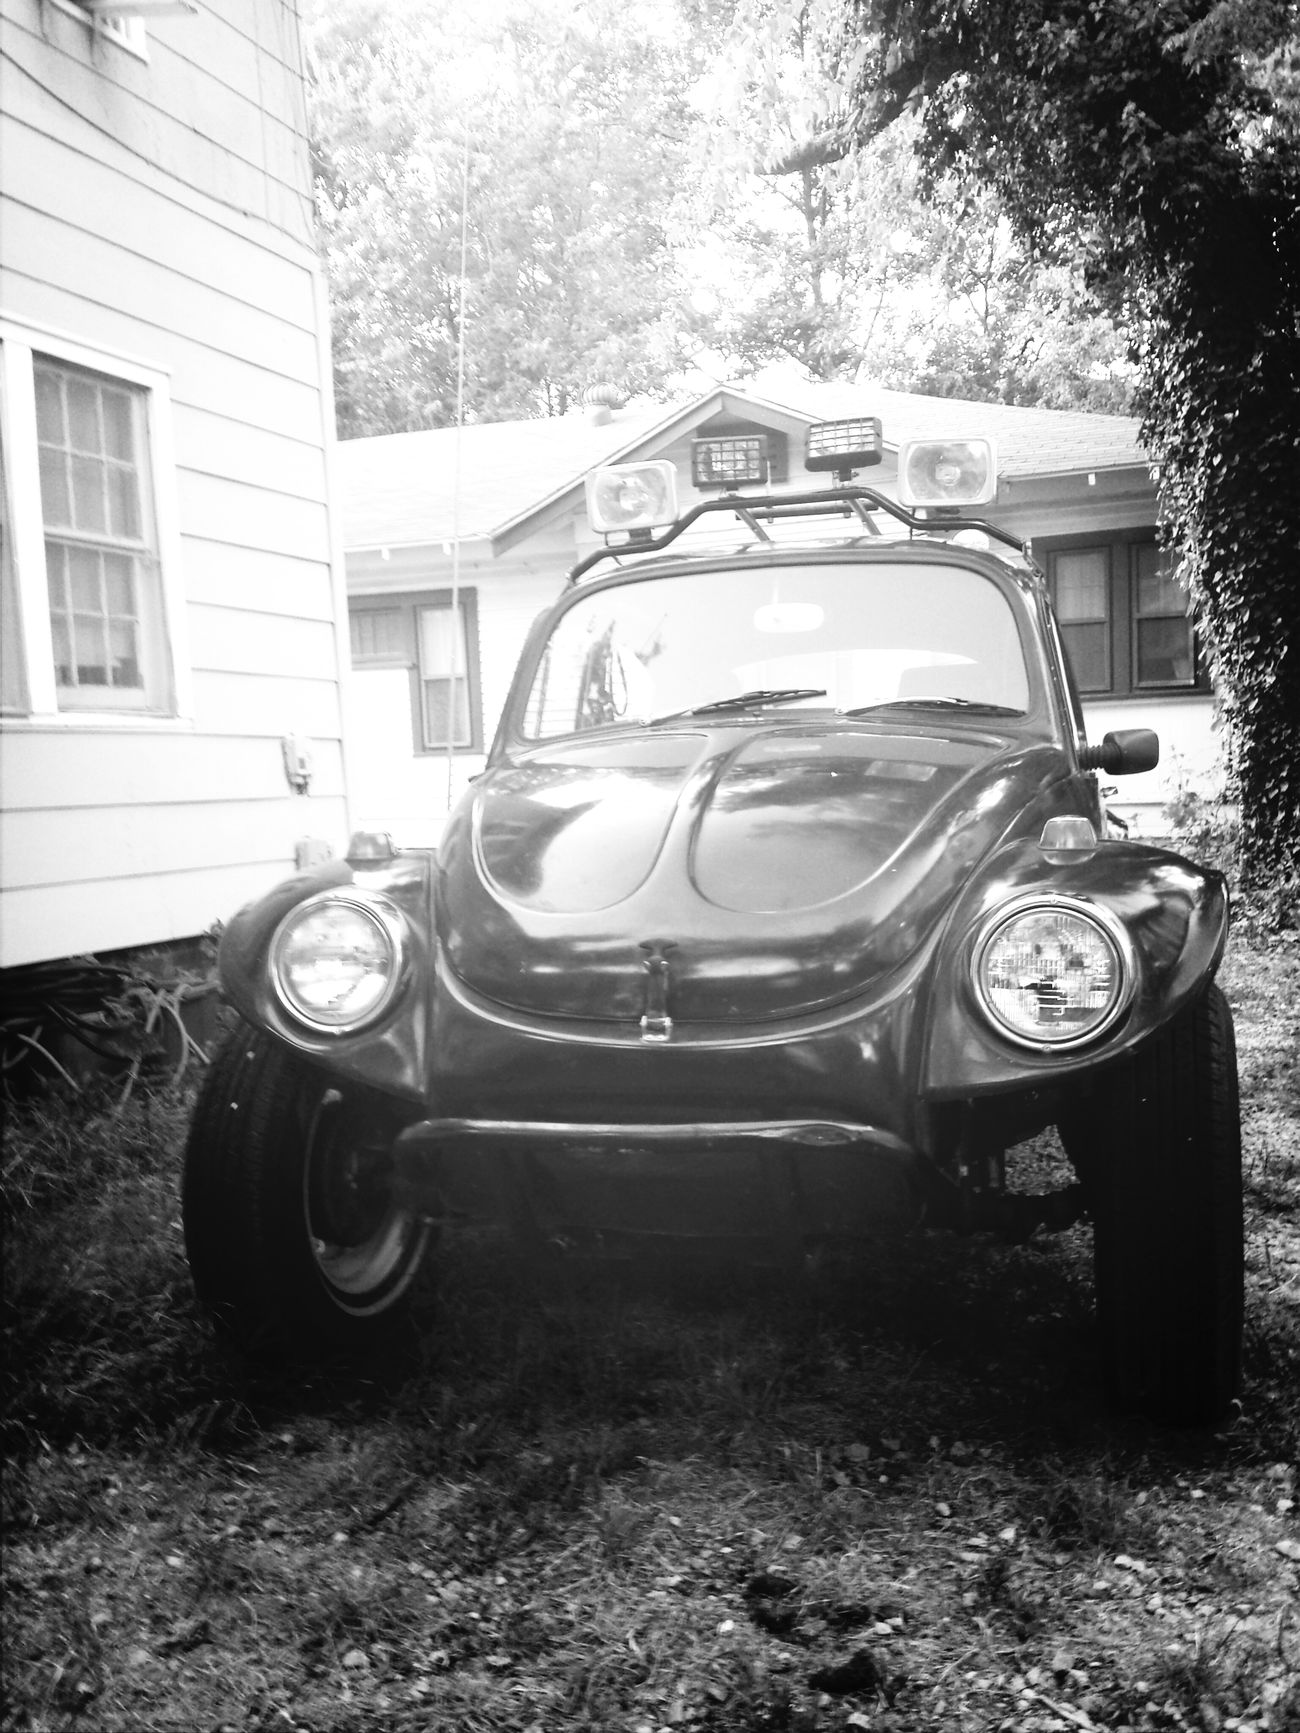 Vw Bug Classic Bug Baja Beetlejuice, my 65 Baja bug